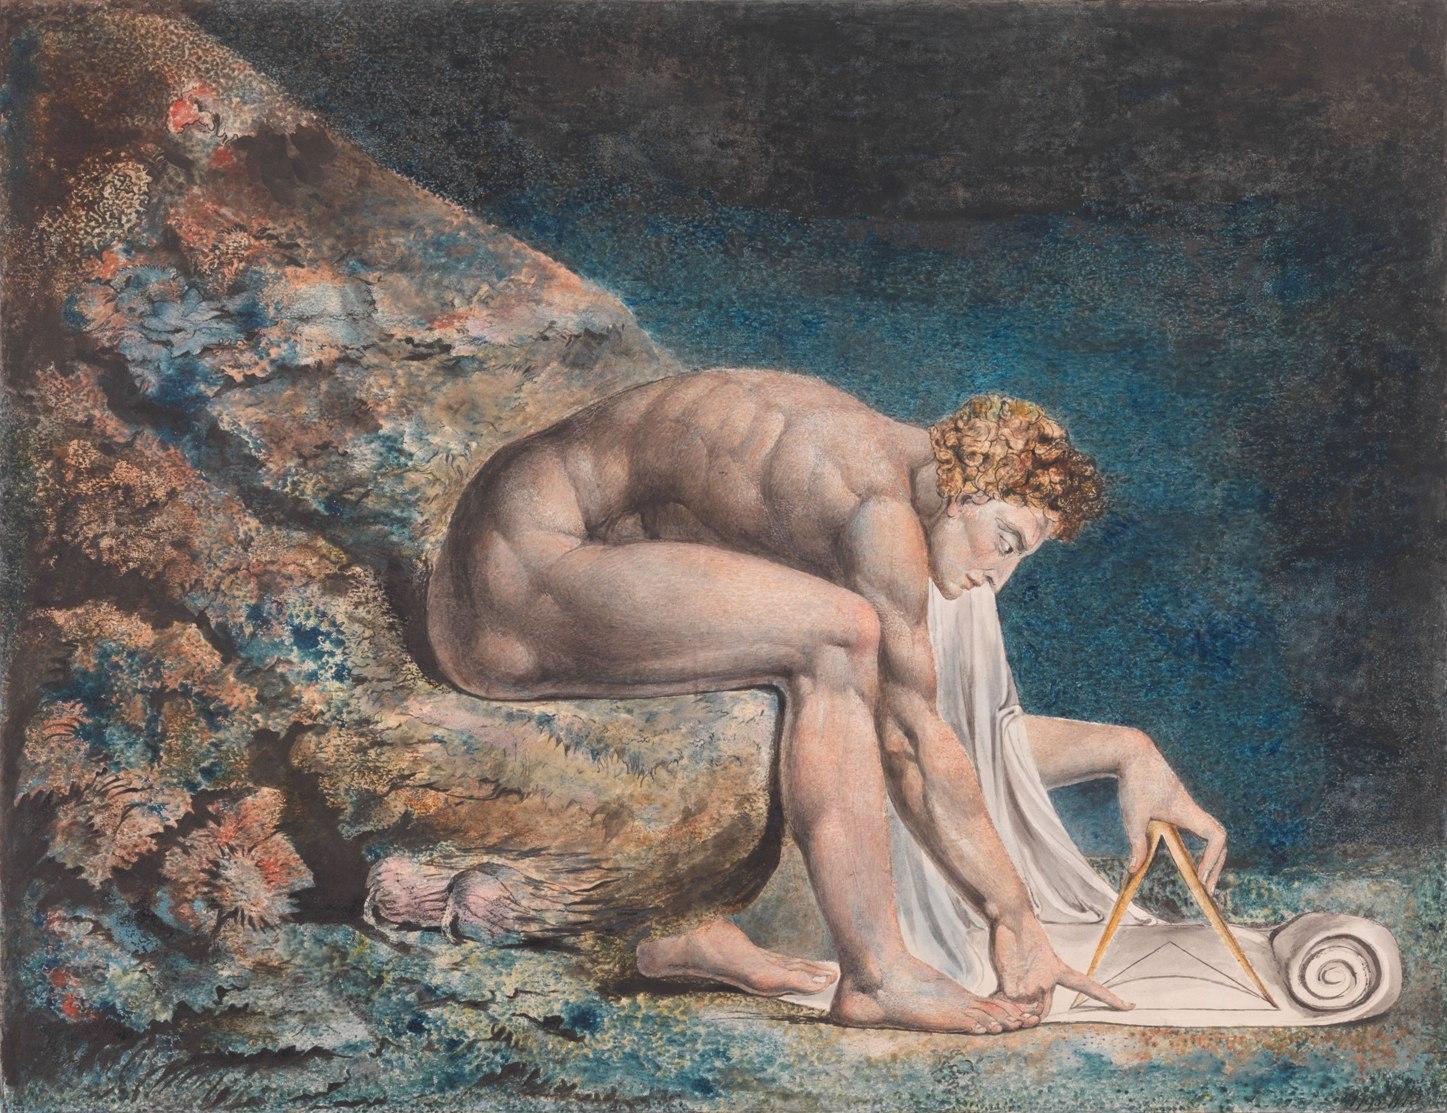 William Blake, 'Newton' (1795-1805 ca)